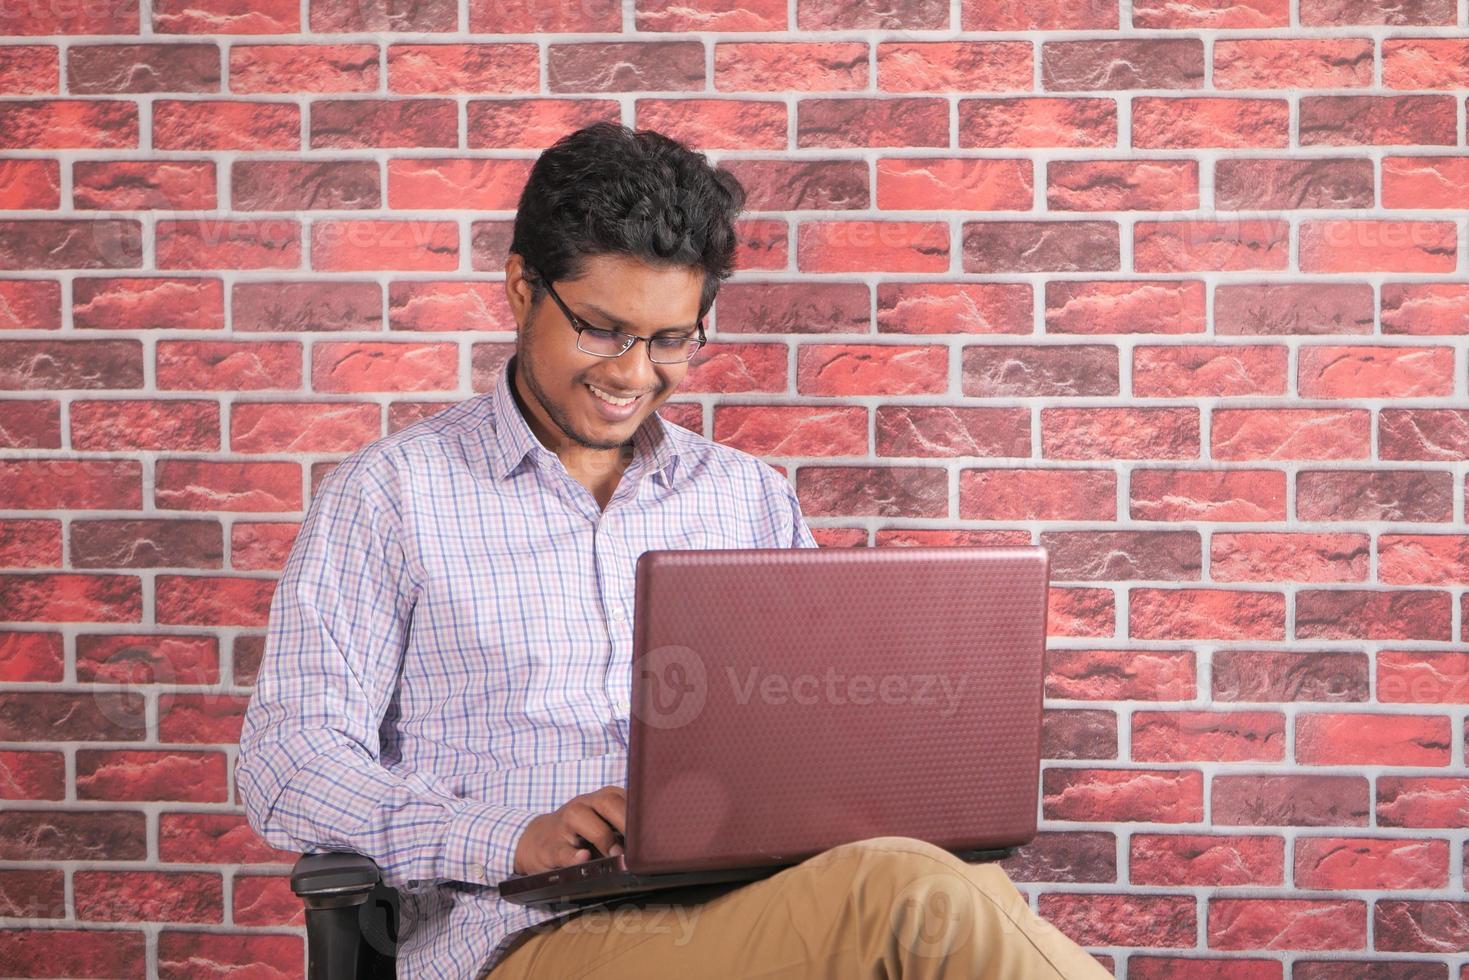 ung man som använder bärbara datorn medan han sitter i en stol foto